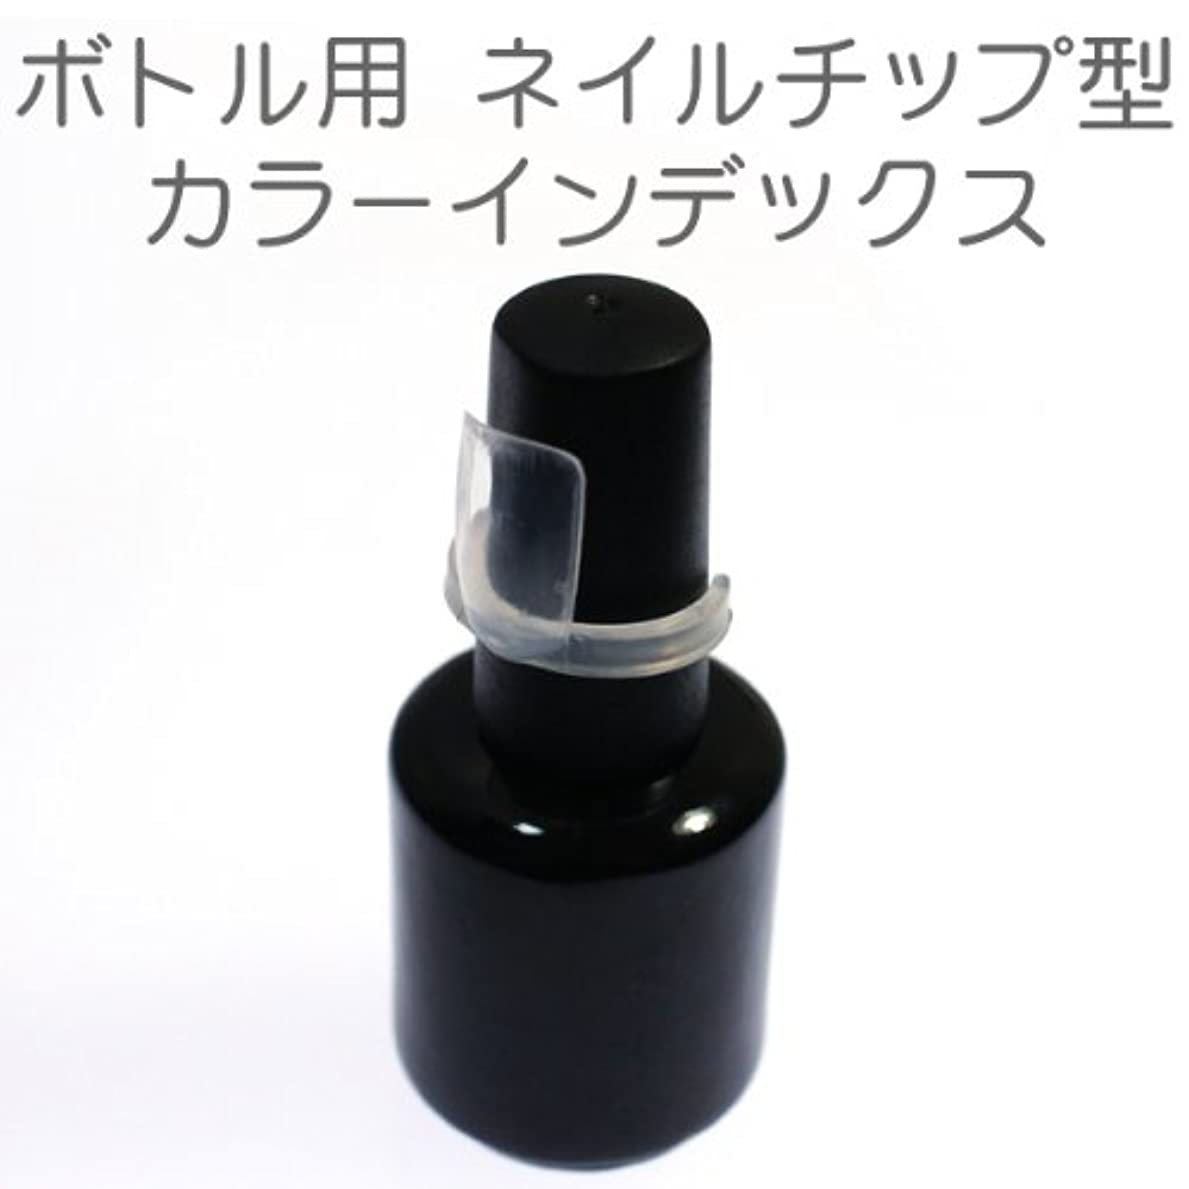 バンガロー患者発表するボトル用カラーインデックス ネイルチップ型 50個セット ネイル カラーチャート